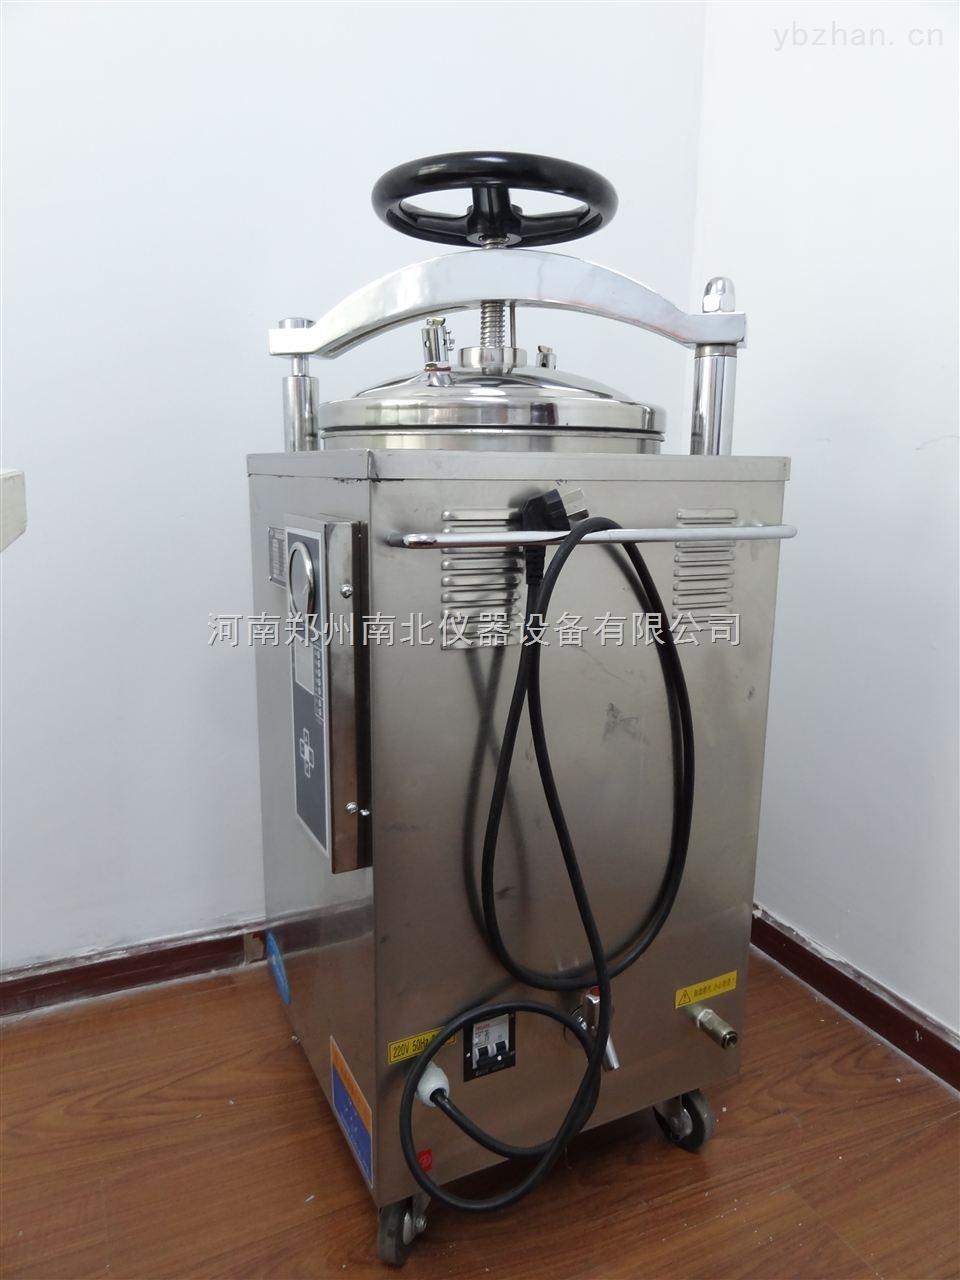 进口压力蒸汽灭菌器,预真空蒸汽灭菌器